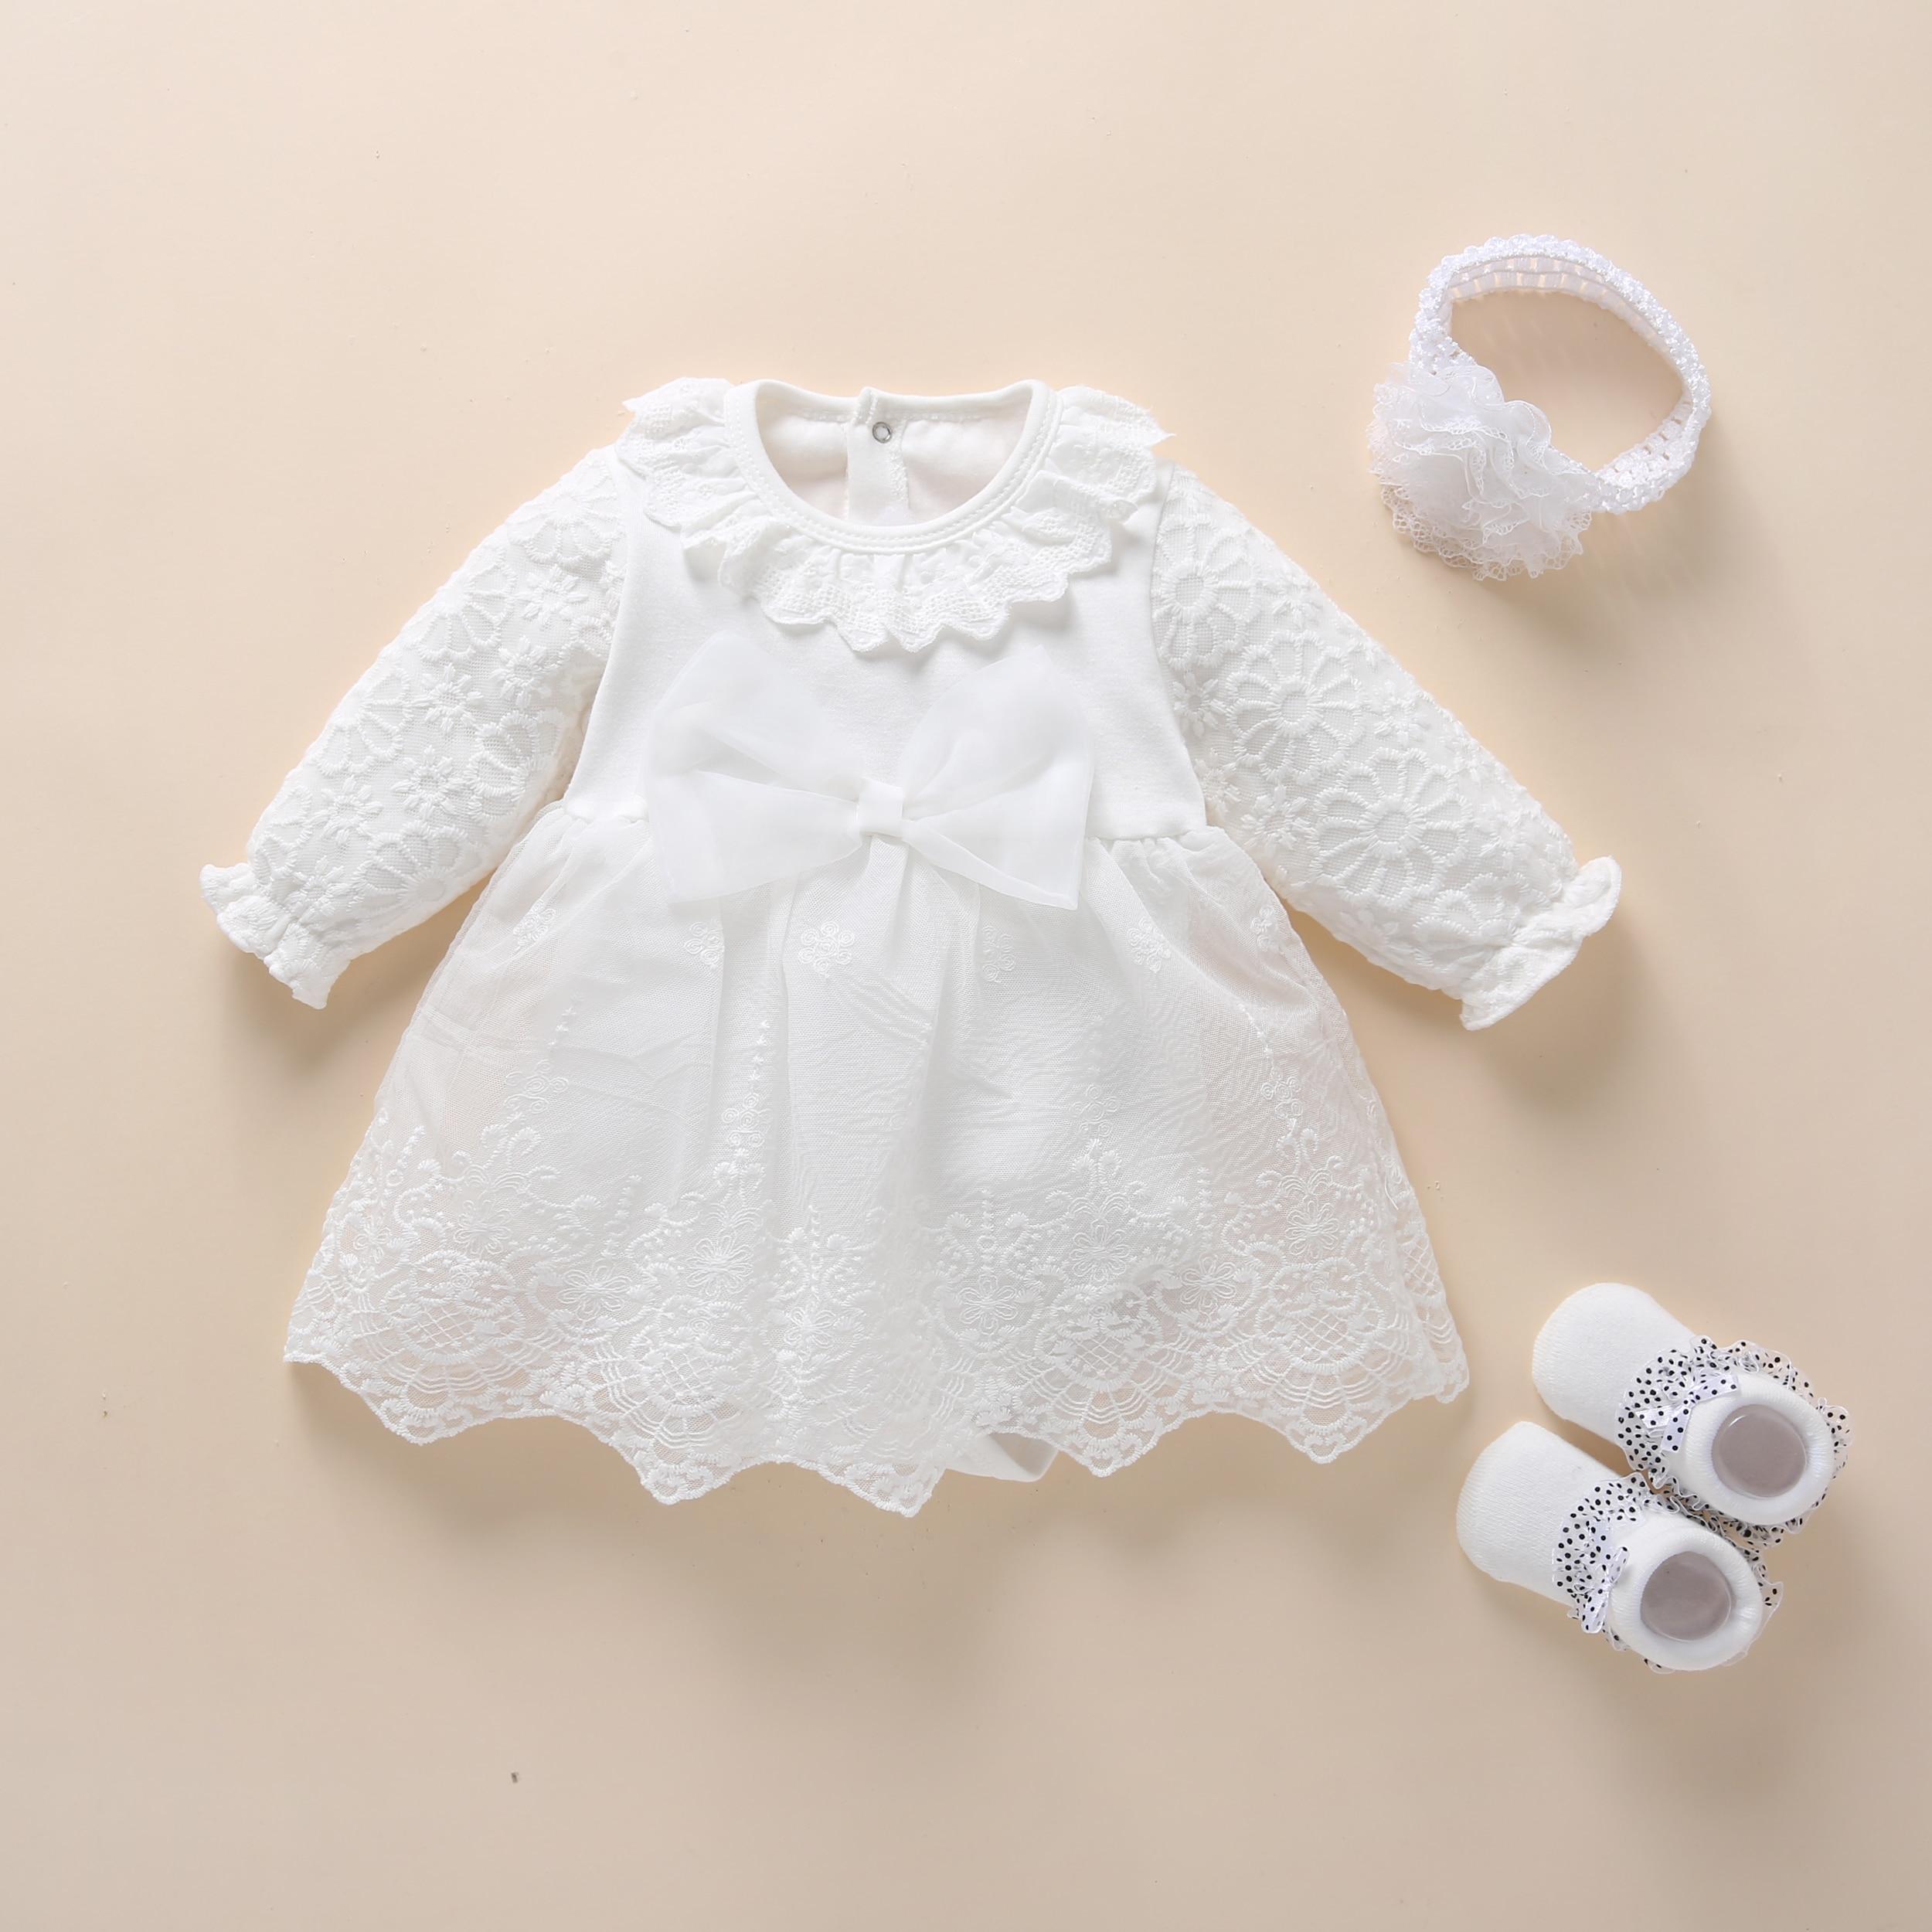 Bebê baptismo vestido 2019 arco bebê recém-nascido meninas vestidos infantis & roupas neve branco bebê vestido 1 ano de idade aniversário menina vestido